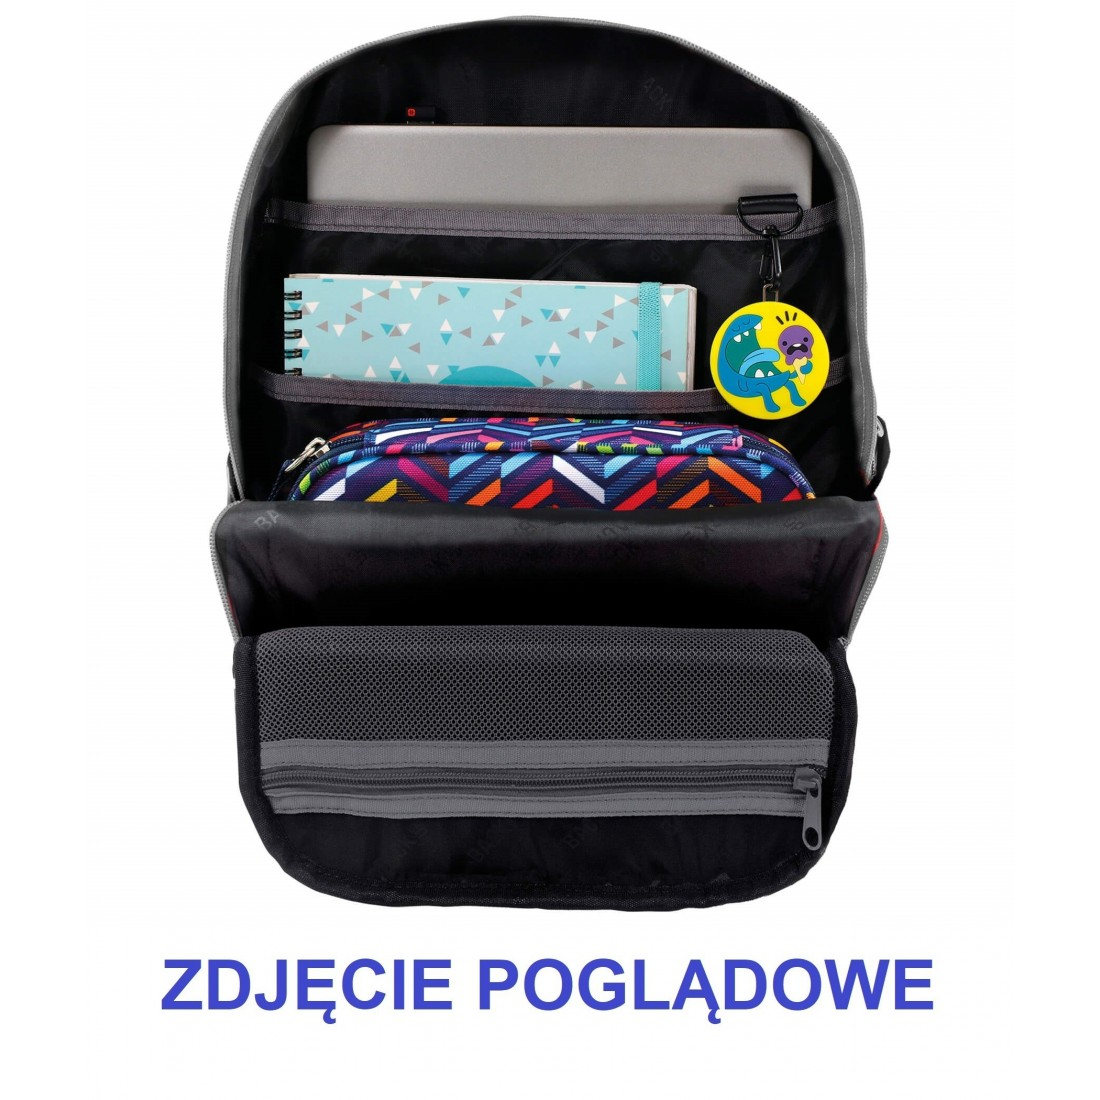 Plecak szkolny dla nastolatki BackUP w kolorowe trójkąty Kalejdoskop - plecak-tornister.pl